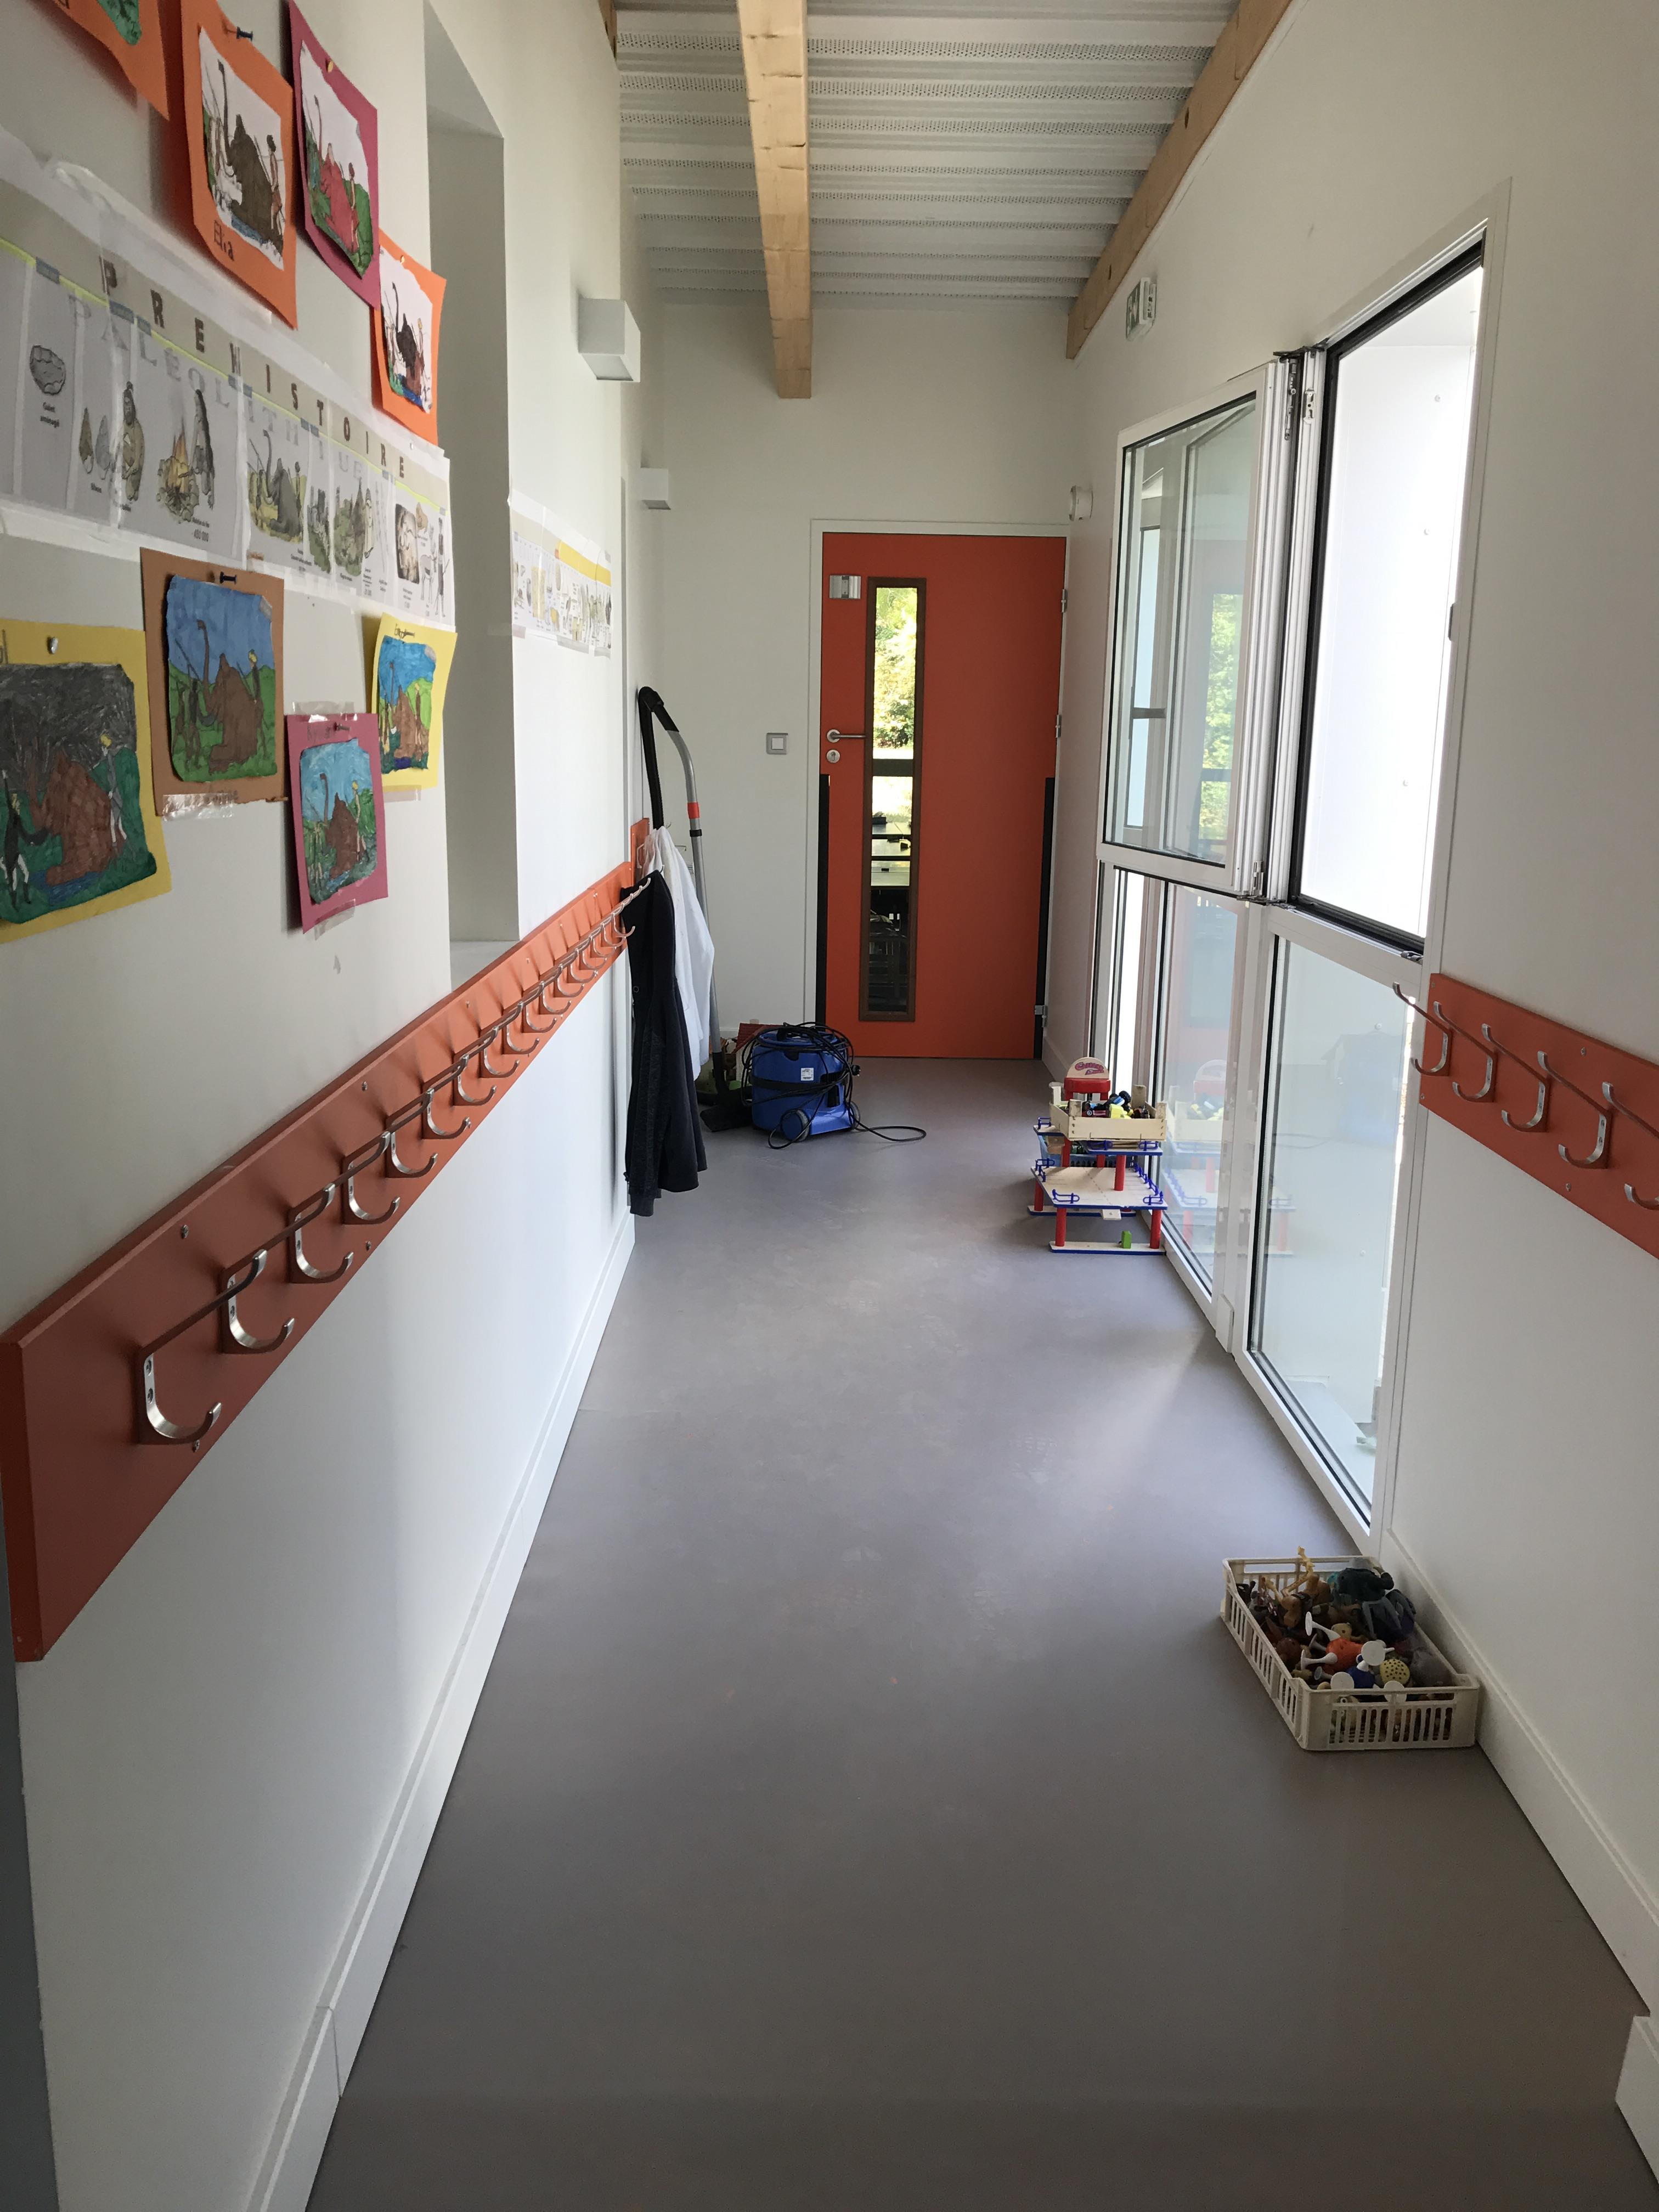 Rénovation de l'école Sainte-Croix à Aubenas